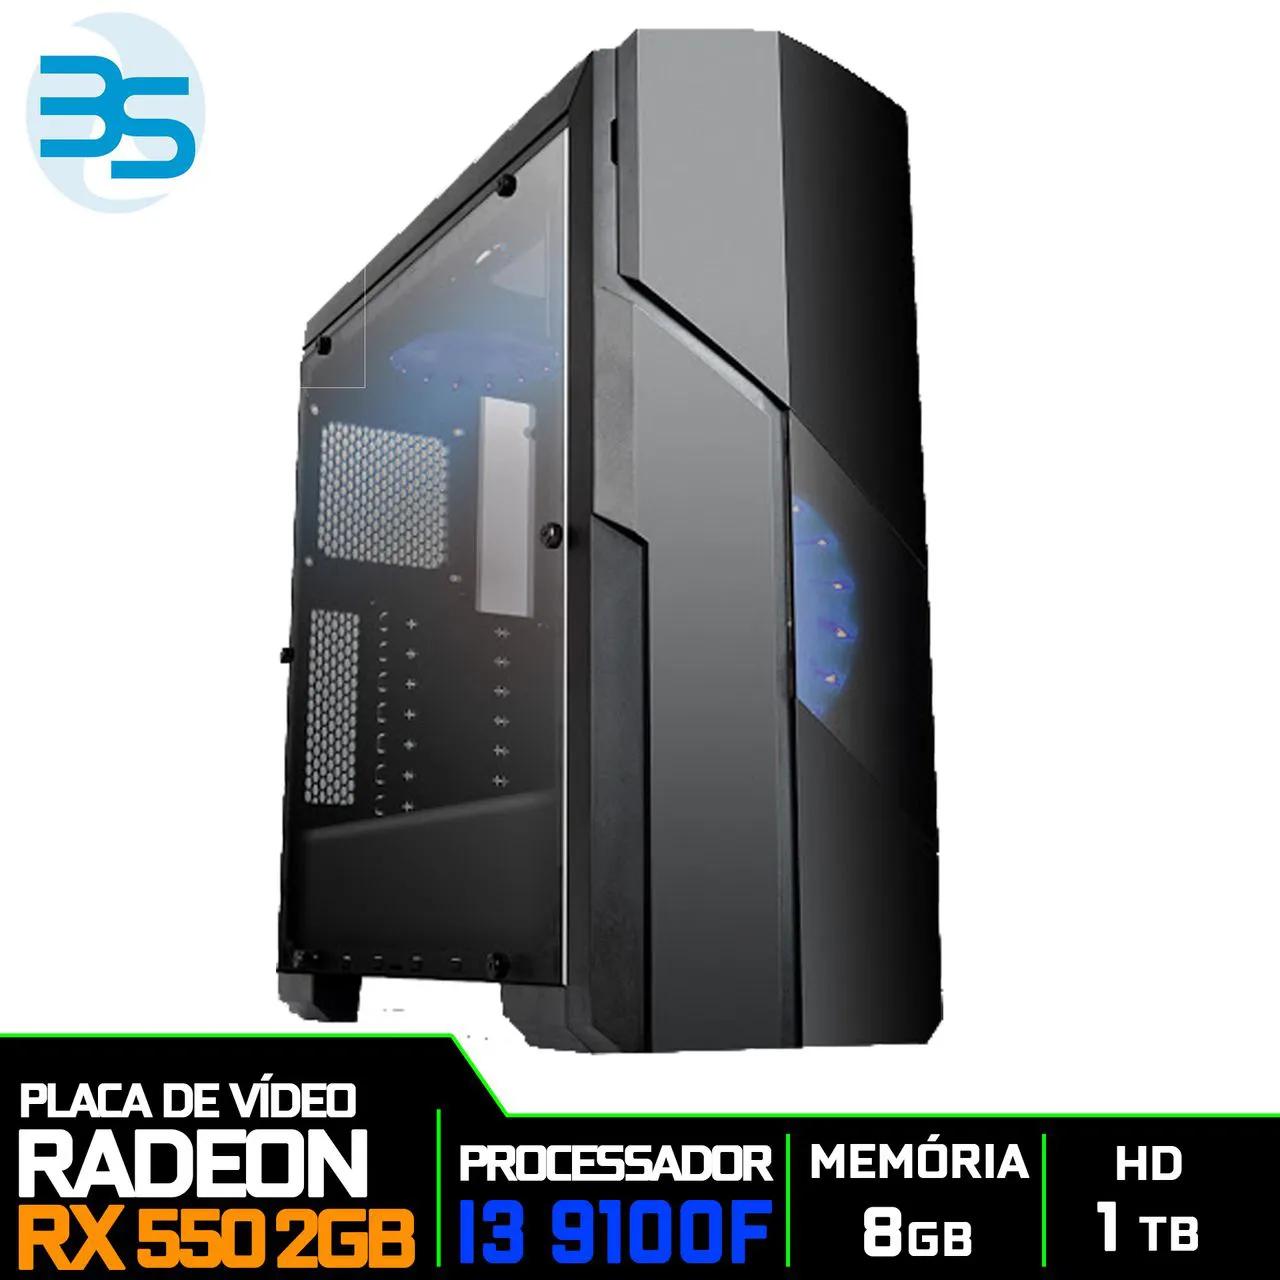 Computador Gamer Intel i3 9100F, 8GB DDR4, HD 1TB, 500W, RX 550 2GB